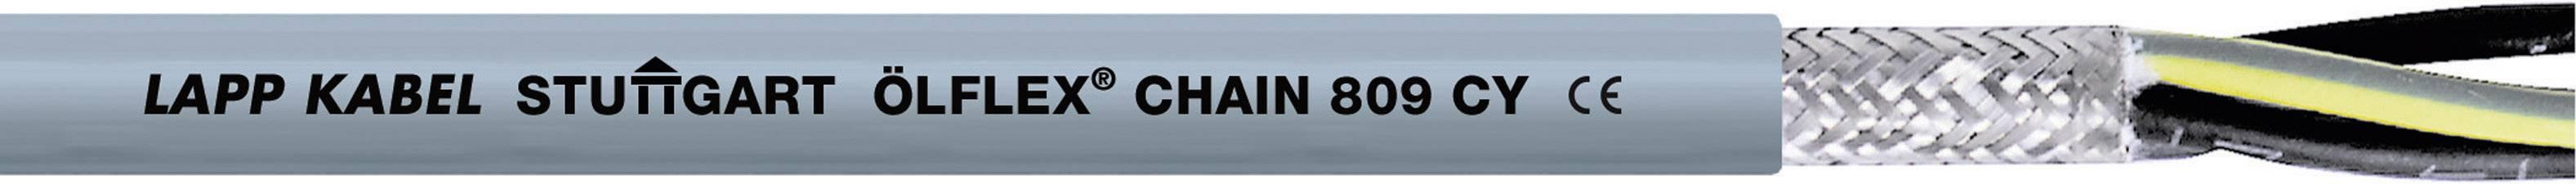 Žíla kabelu LappKabel ÖLFLEX CHAIN 809 CY 7G0,75 (1026763), 7x 0,75 mm², PVC, Ø 9,1 mm, stíněný, 100 m, šedá